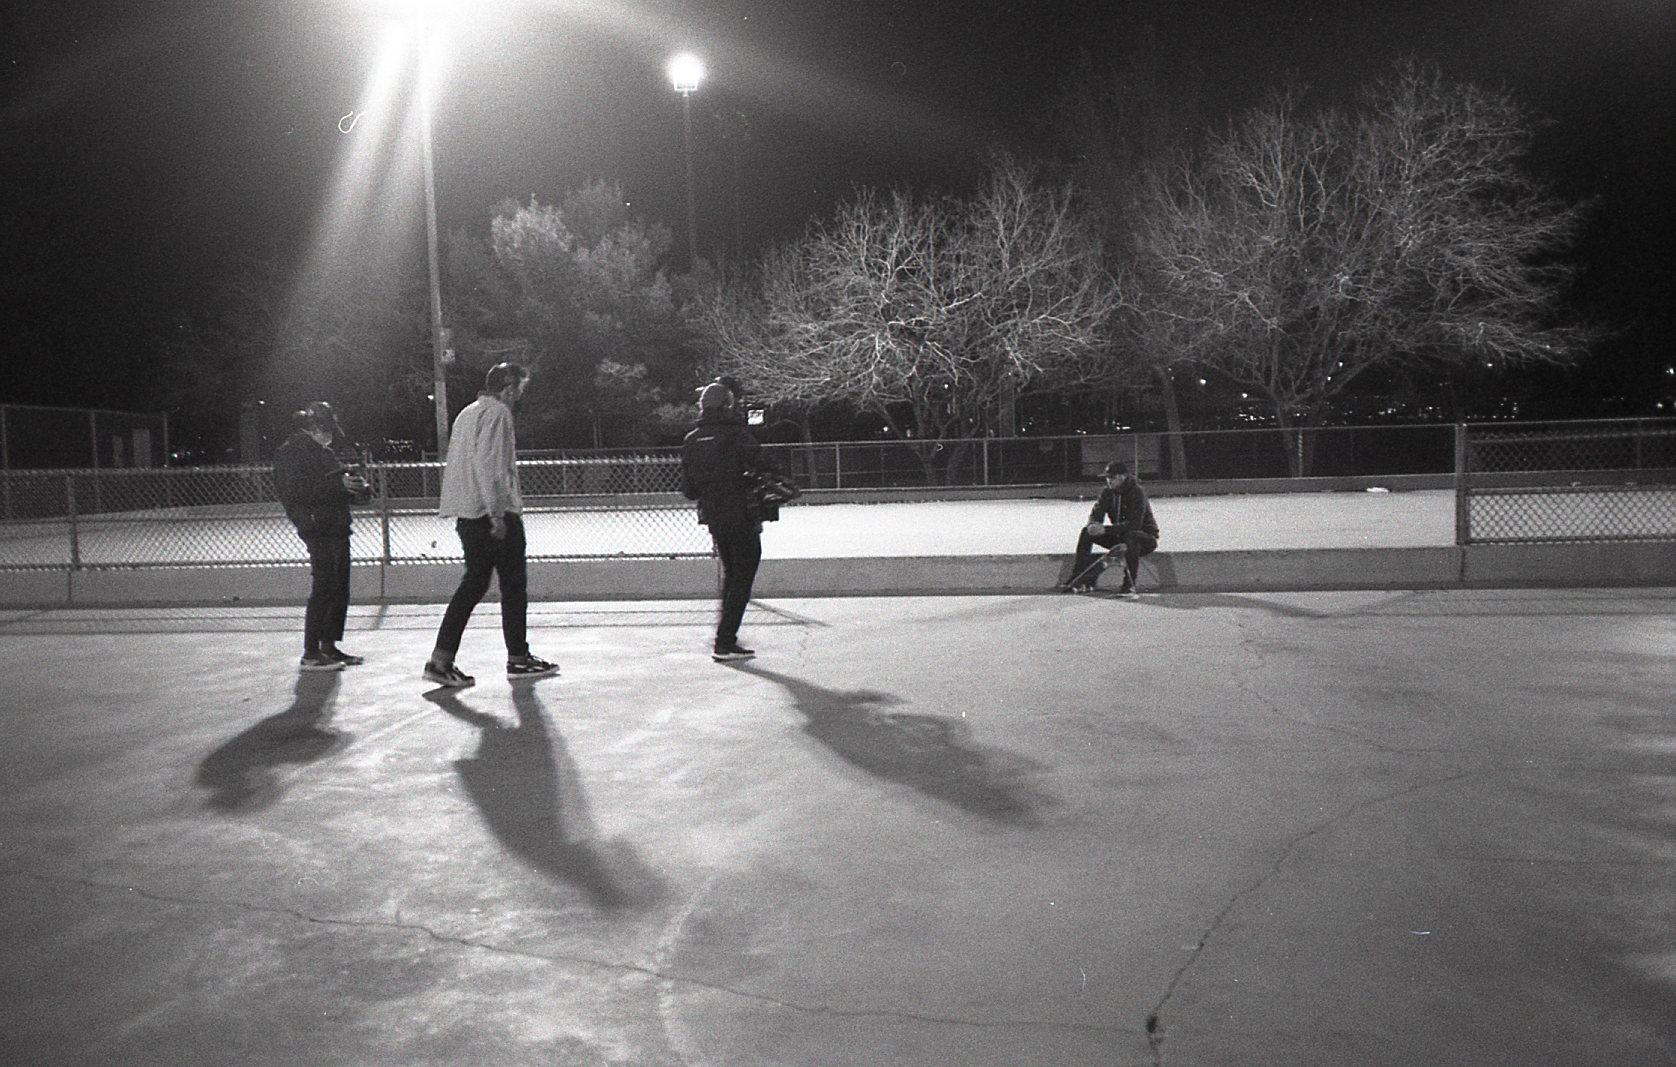 skatepark scene